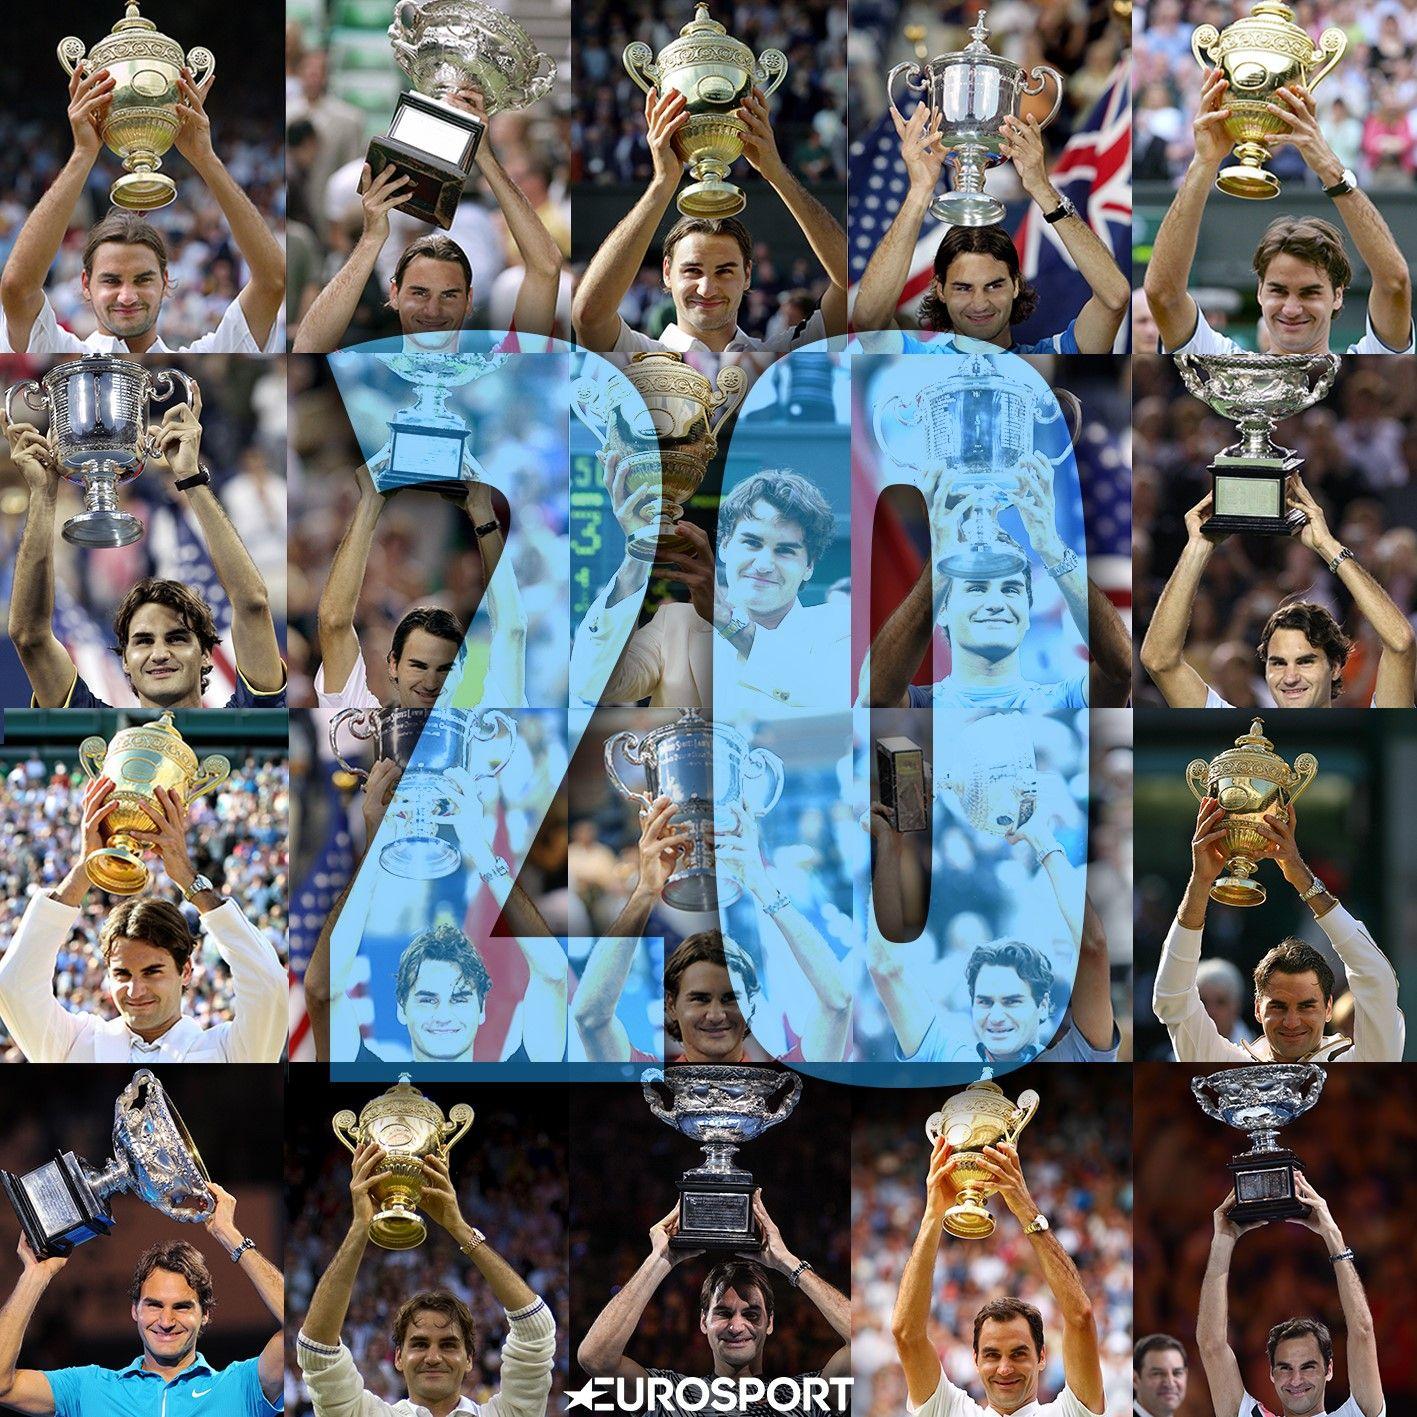 Meisten Grand Slam Titel